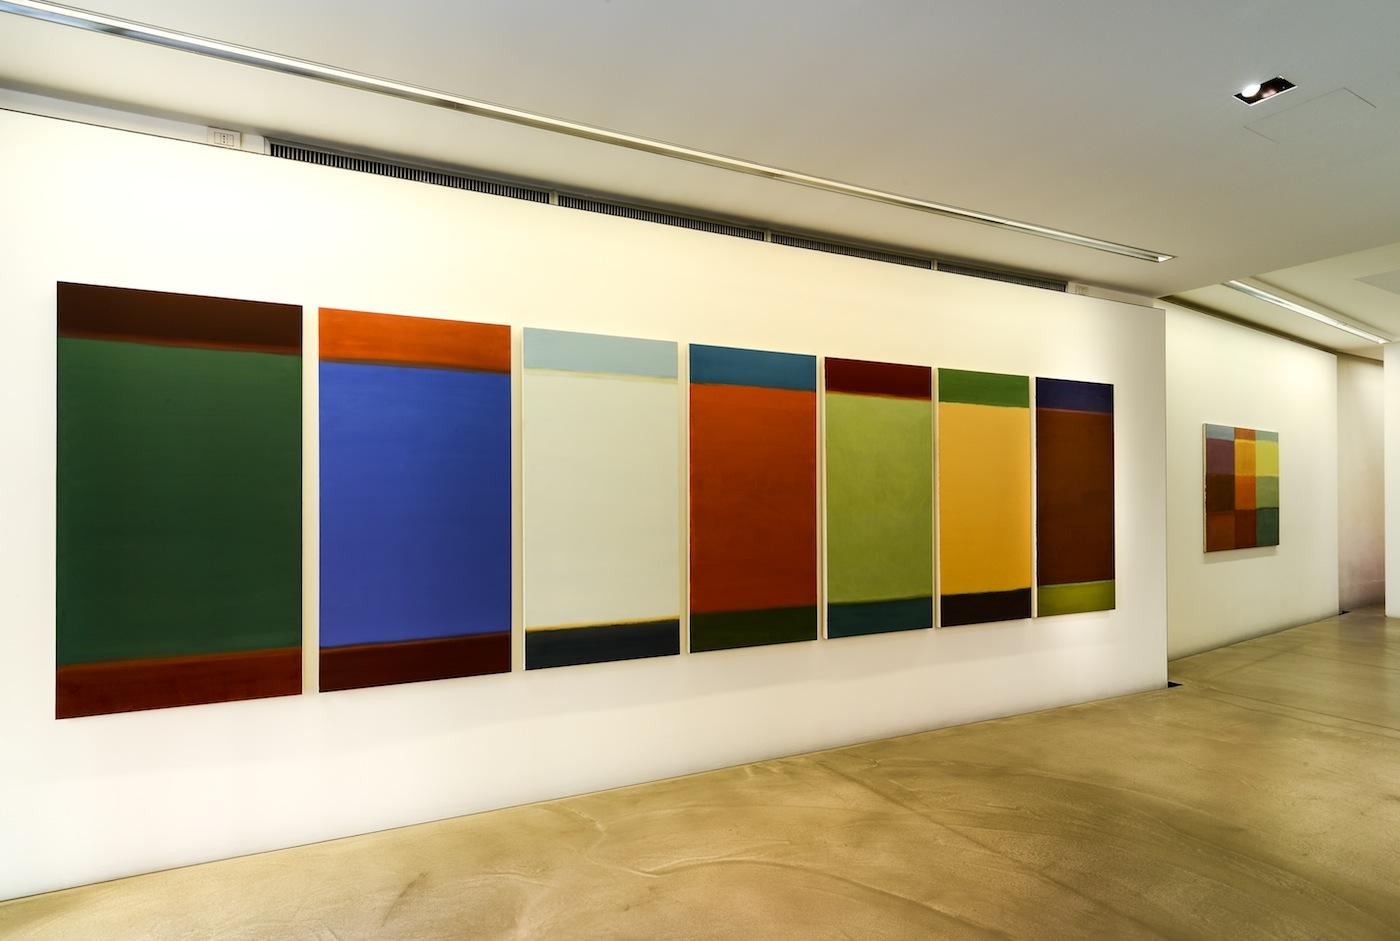 Veduta della mostra Nataly Maier, Tonalità elettive. Courtesy Antonella Cattani contemporary art